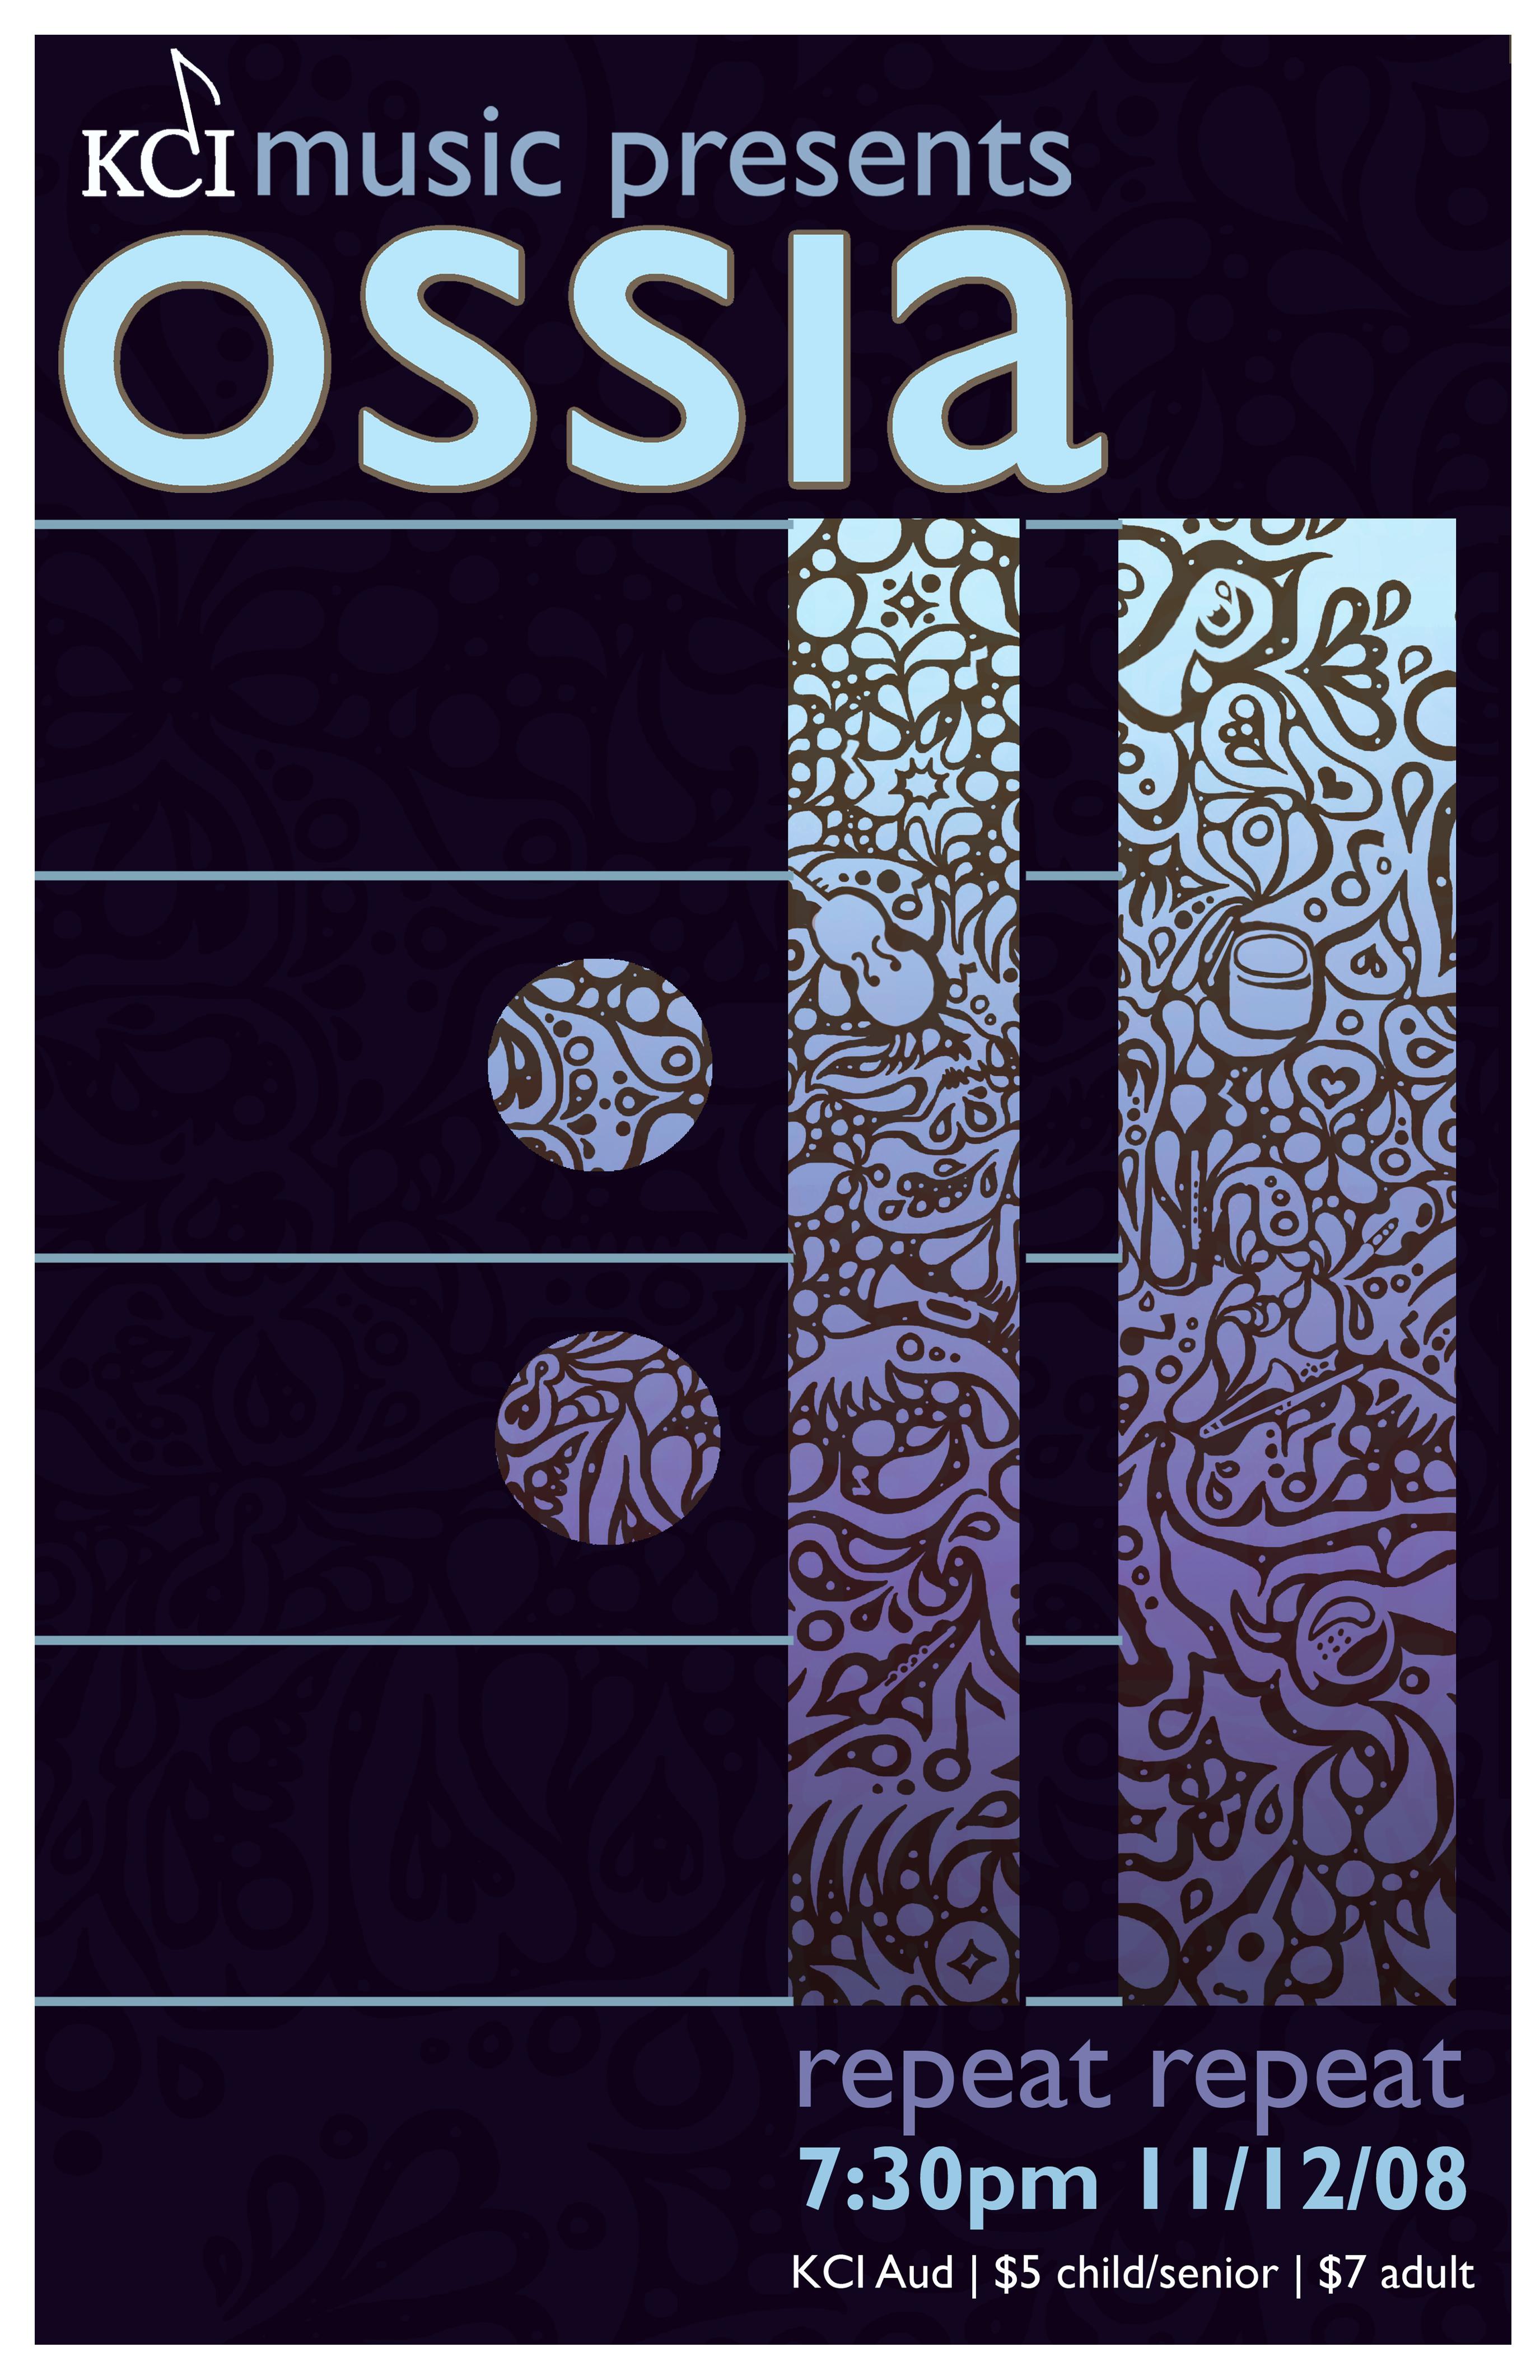 OSSIA 11